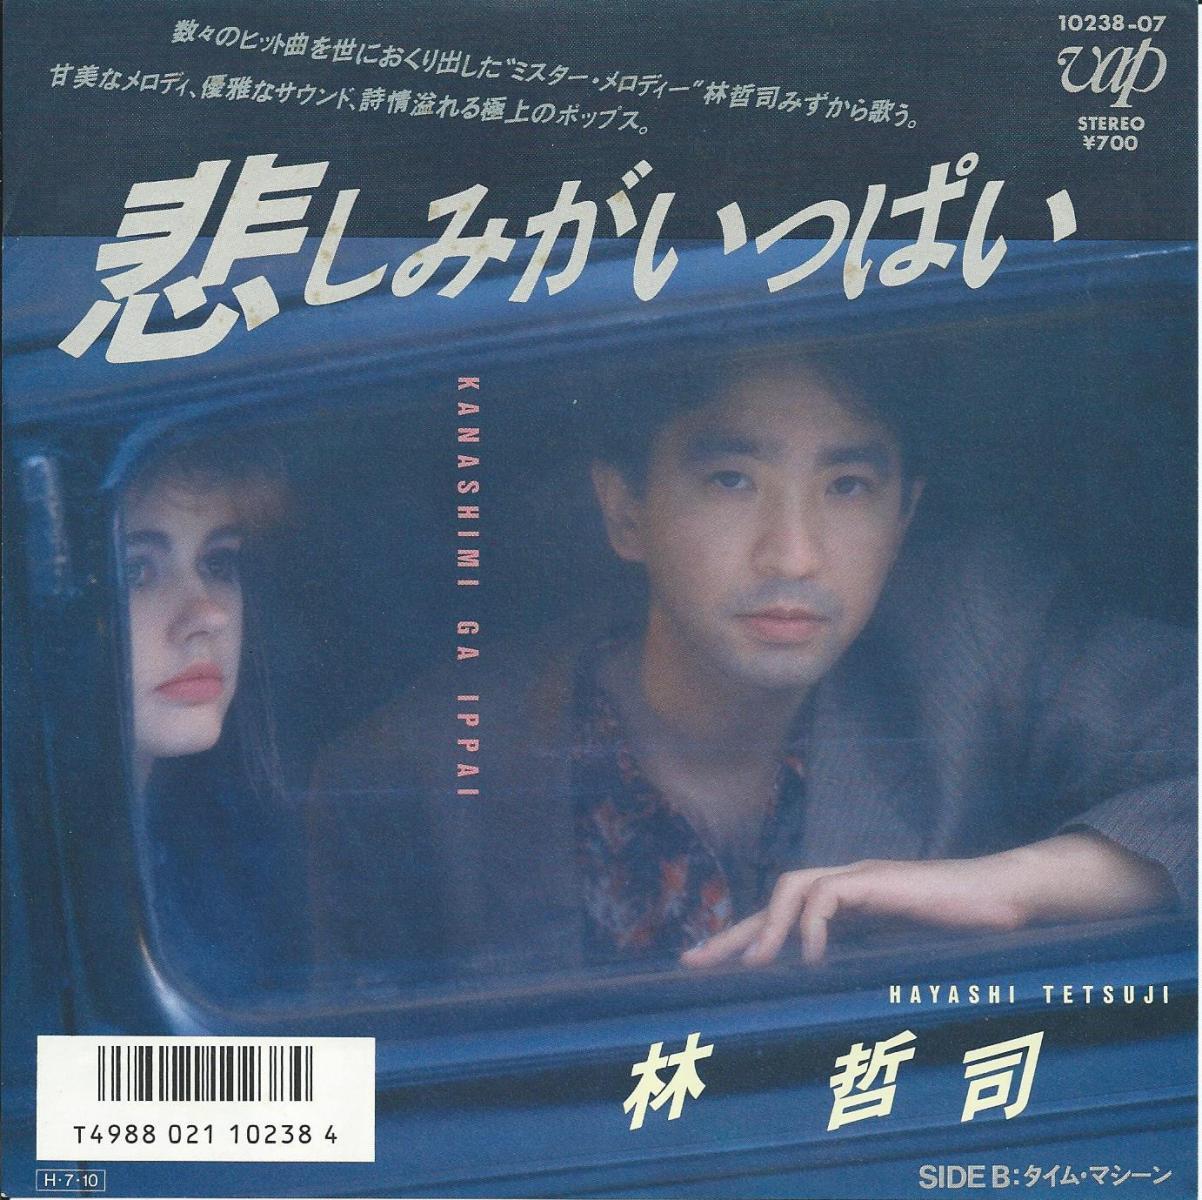 林哲司 HAYASHI TETSUJI / 悲しみがいっぱい KANASHI GA IPPAI (7